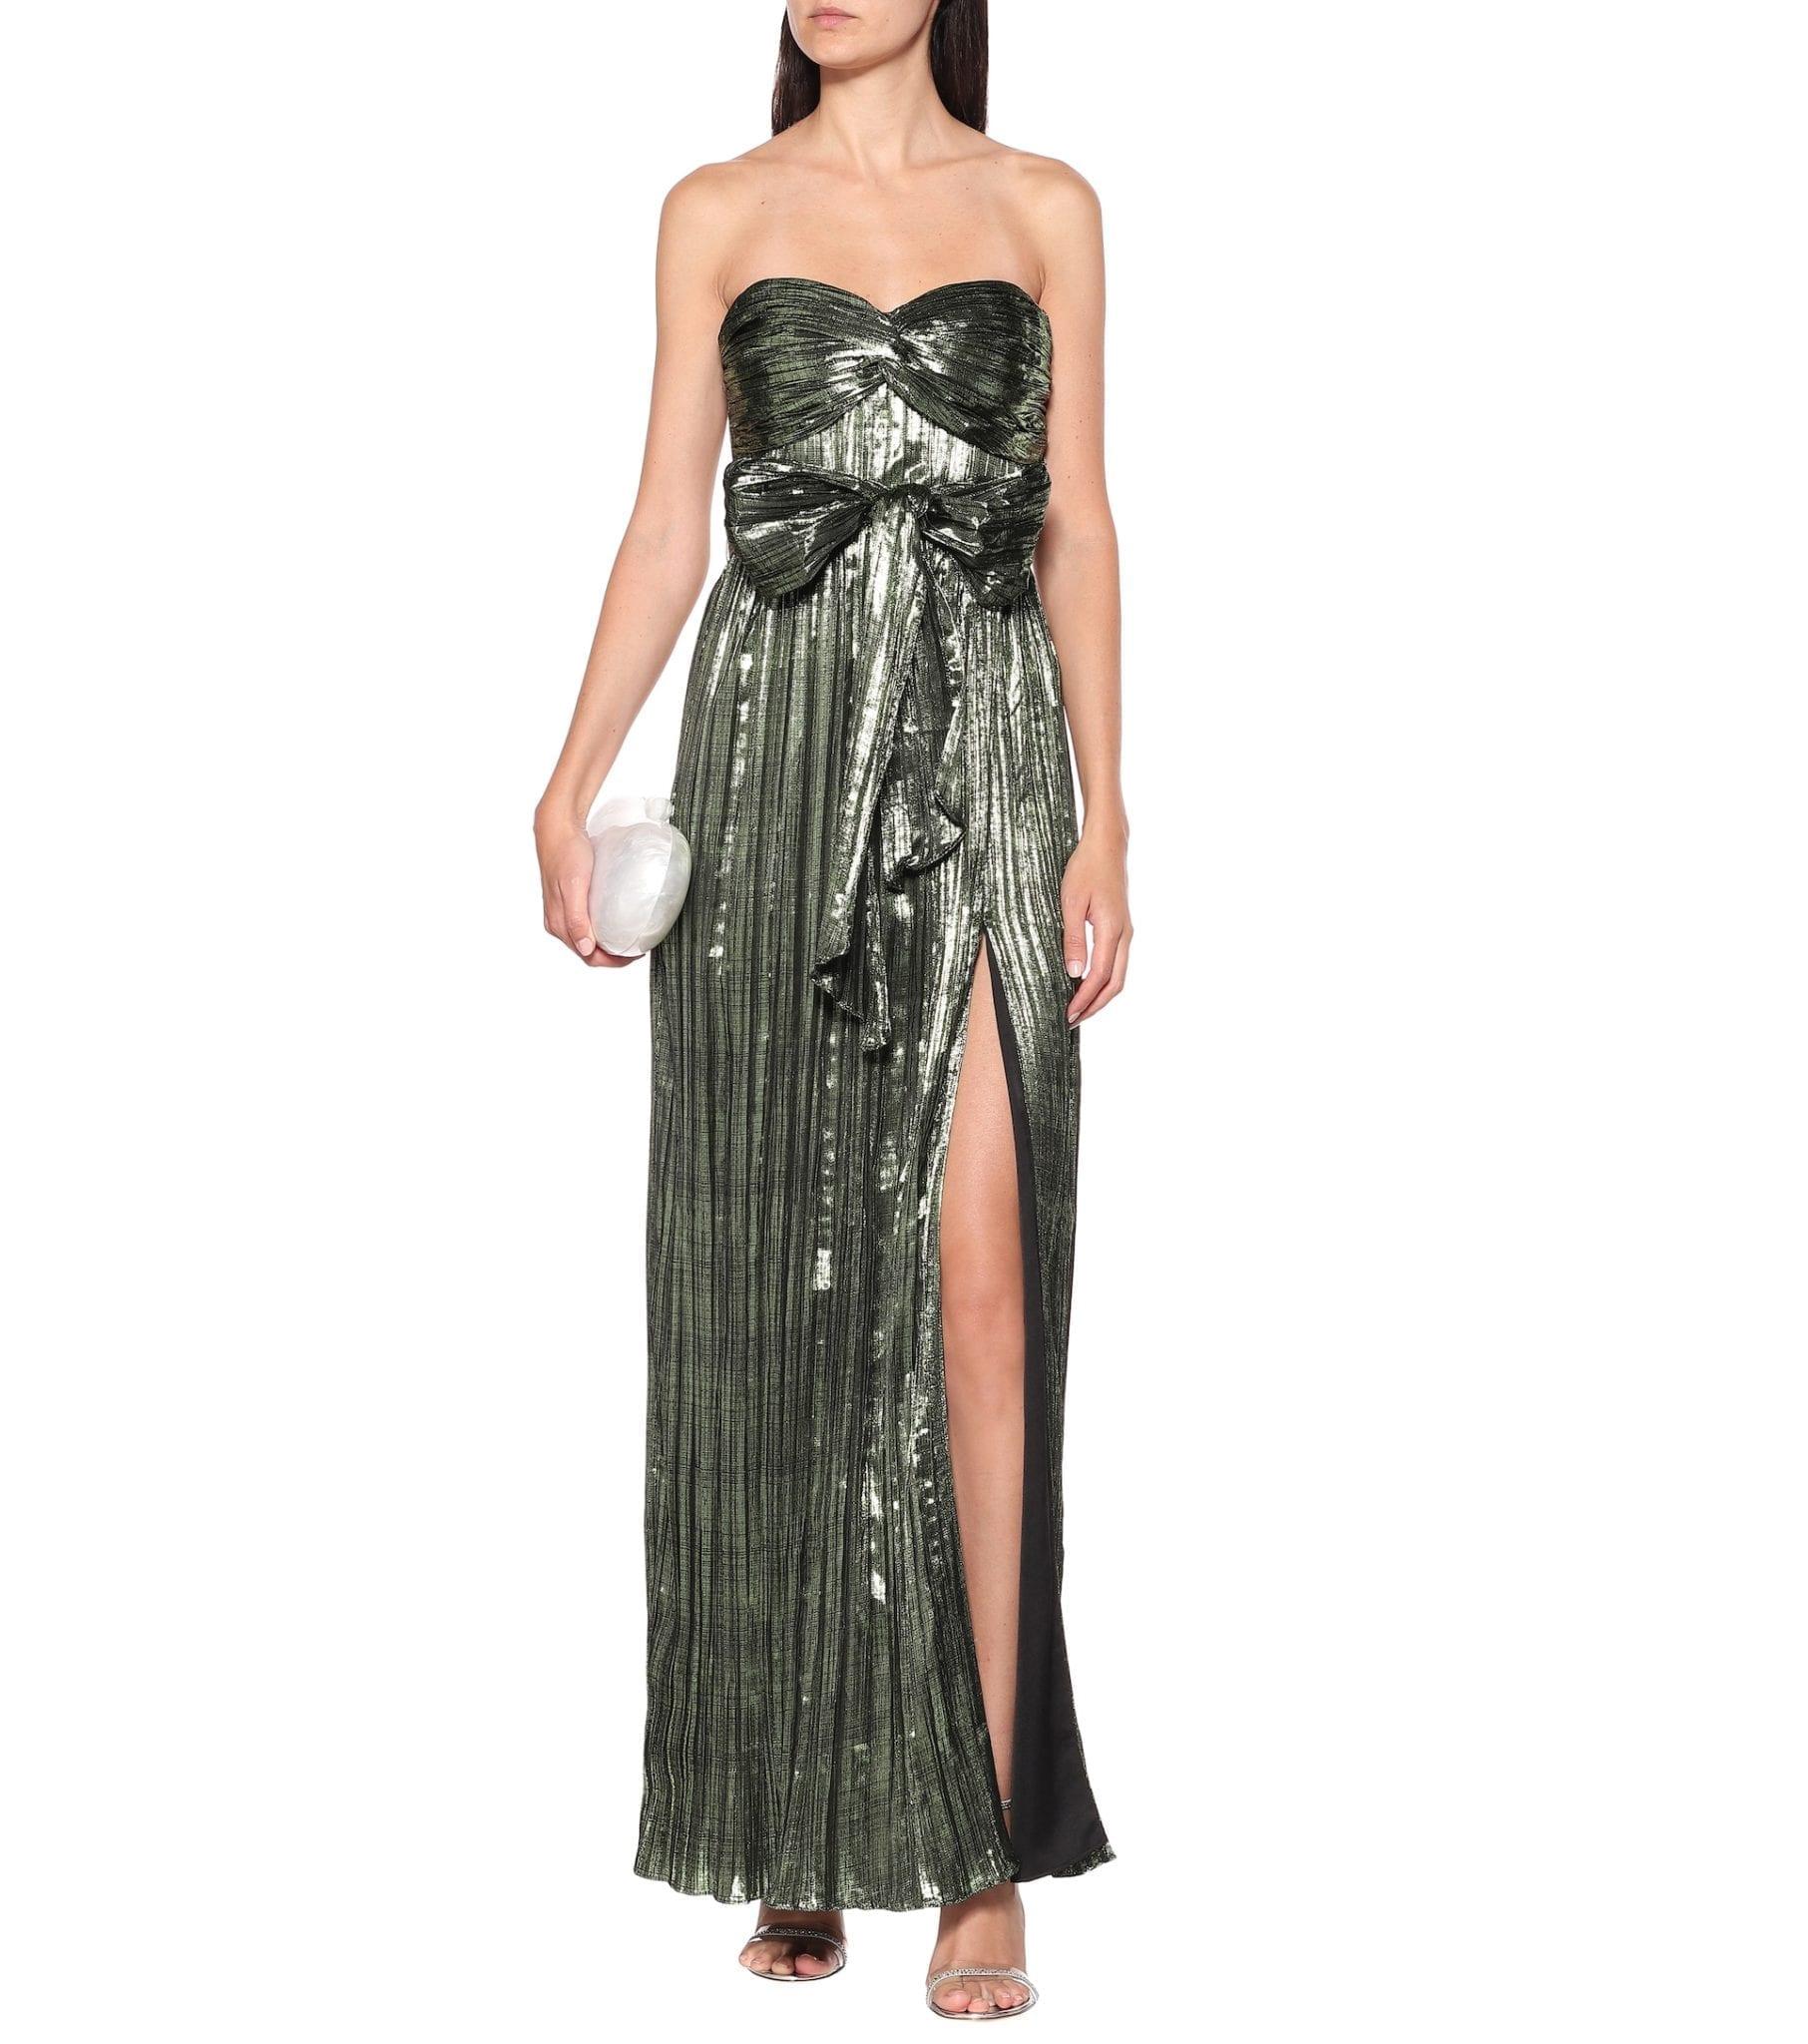 JONATHAN SIMKHAI Metallic Plissé Gown